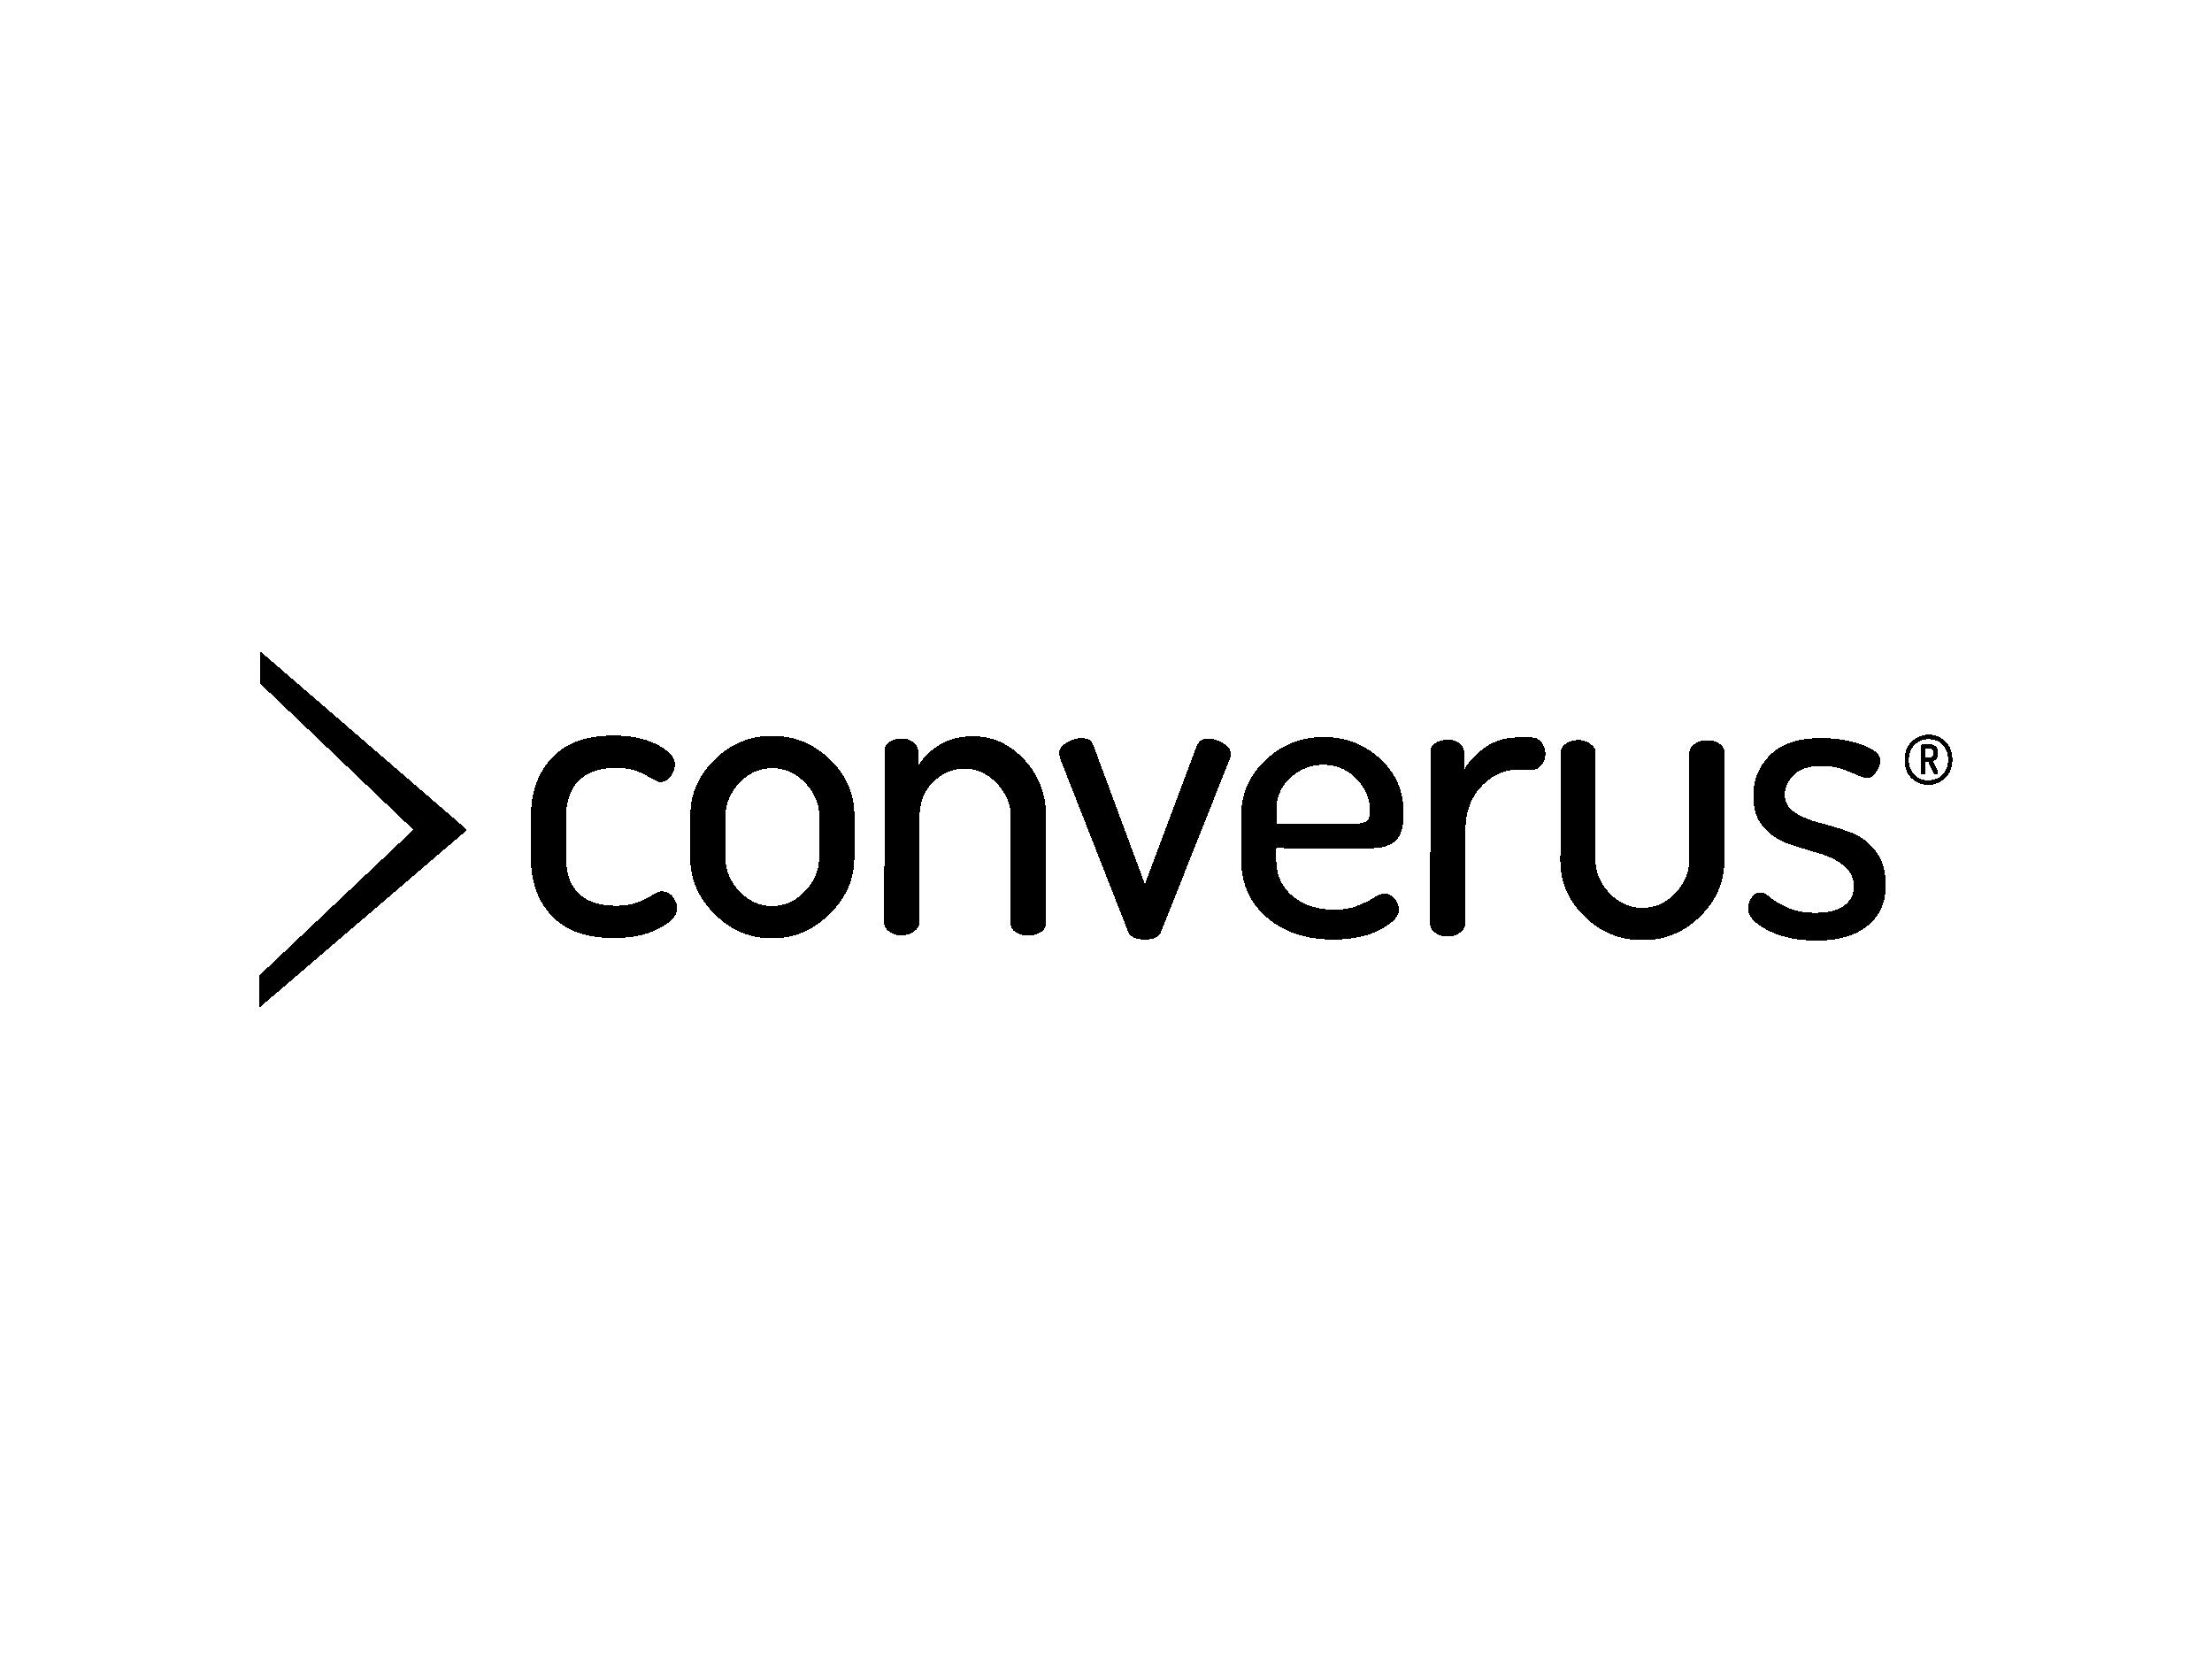 Portfolio logos_Converus